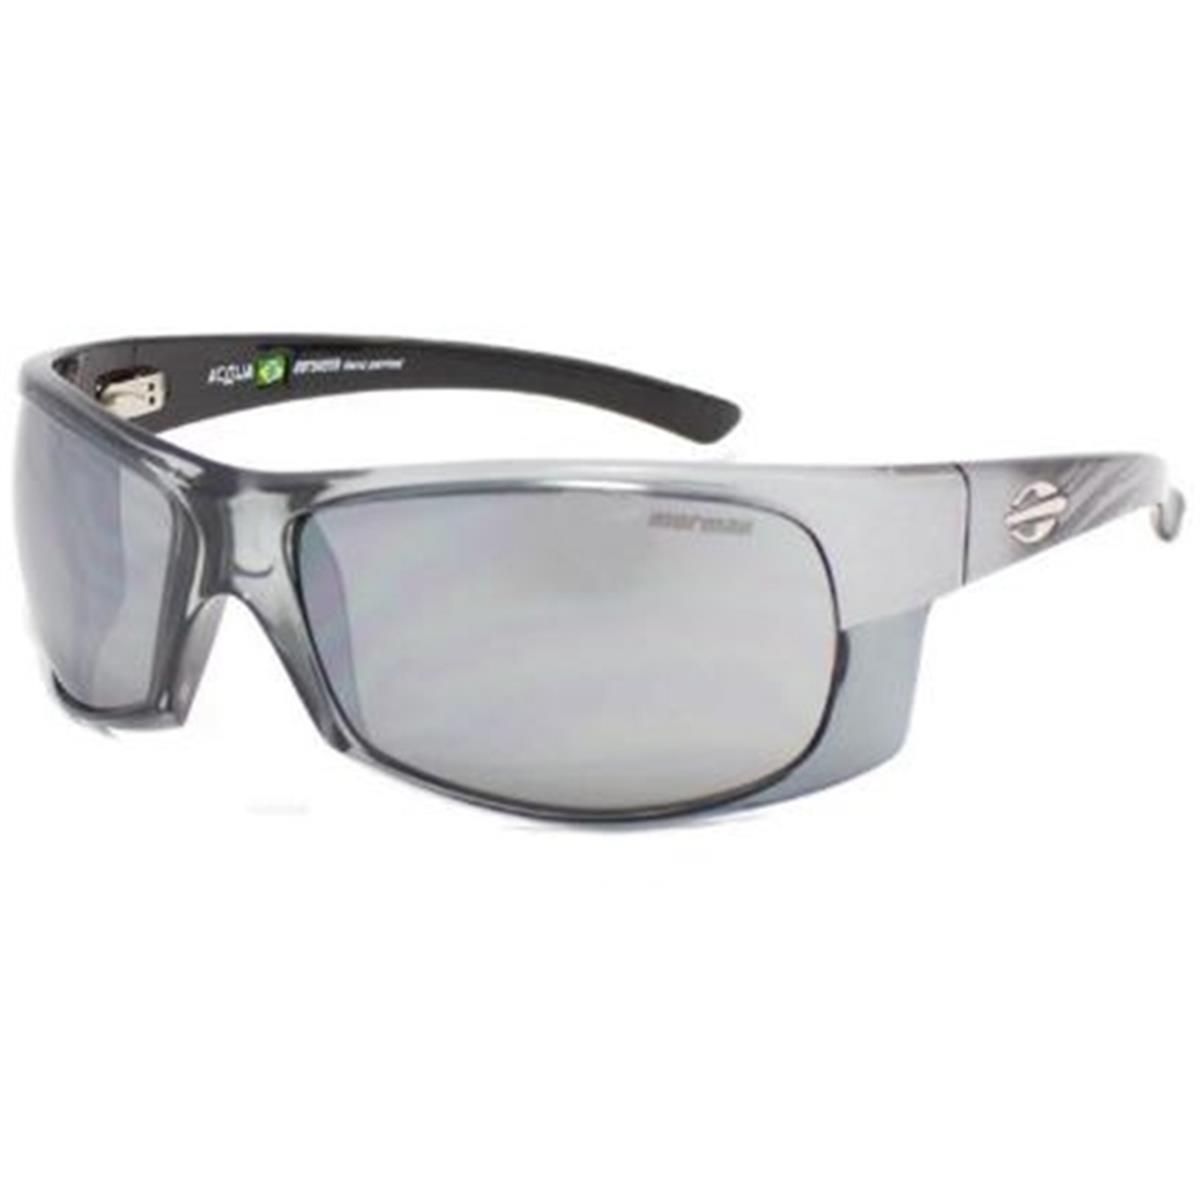 66e6e24ba3ffc 4361998 oculos-de-sol-preto-lente-cinza-esportivo-acqua-mormaii Z2.jpg